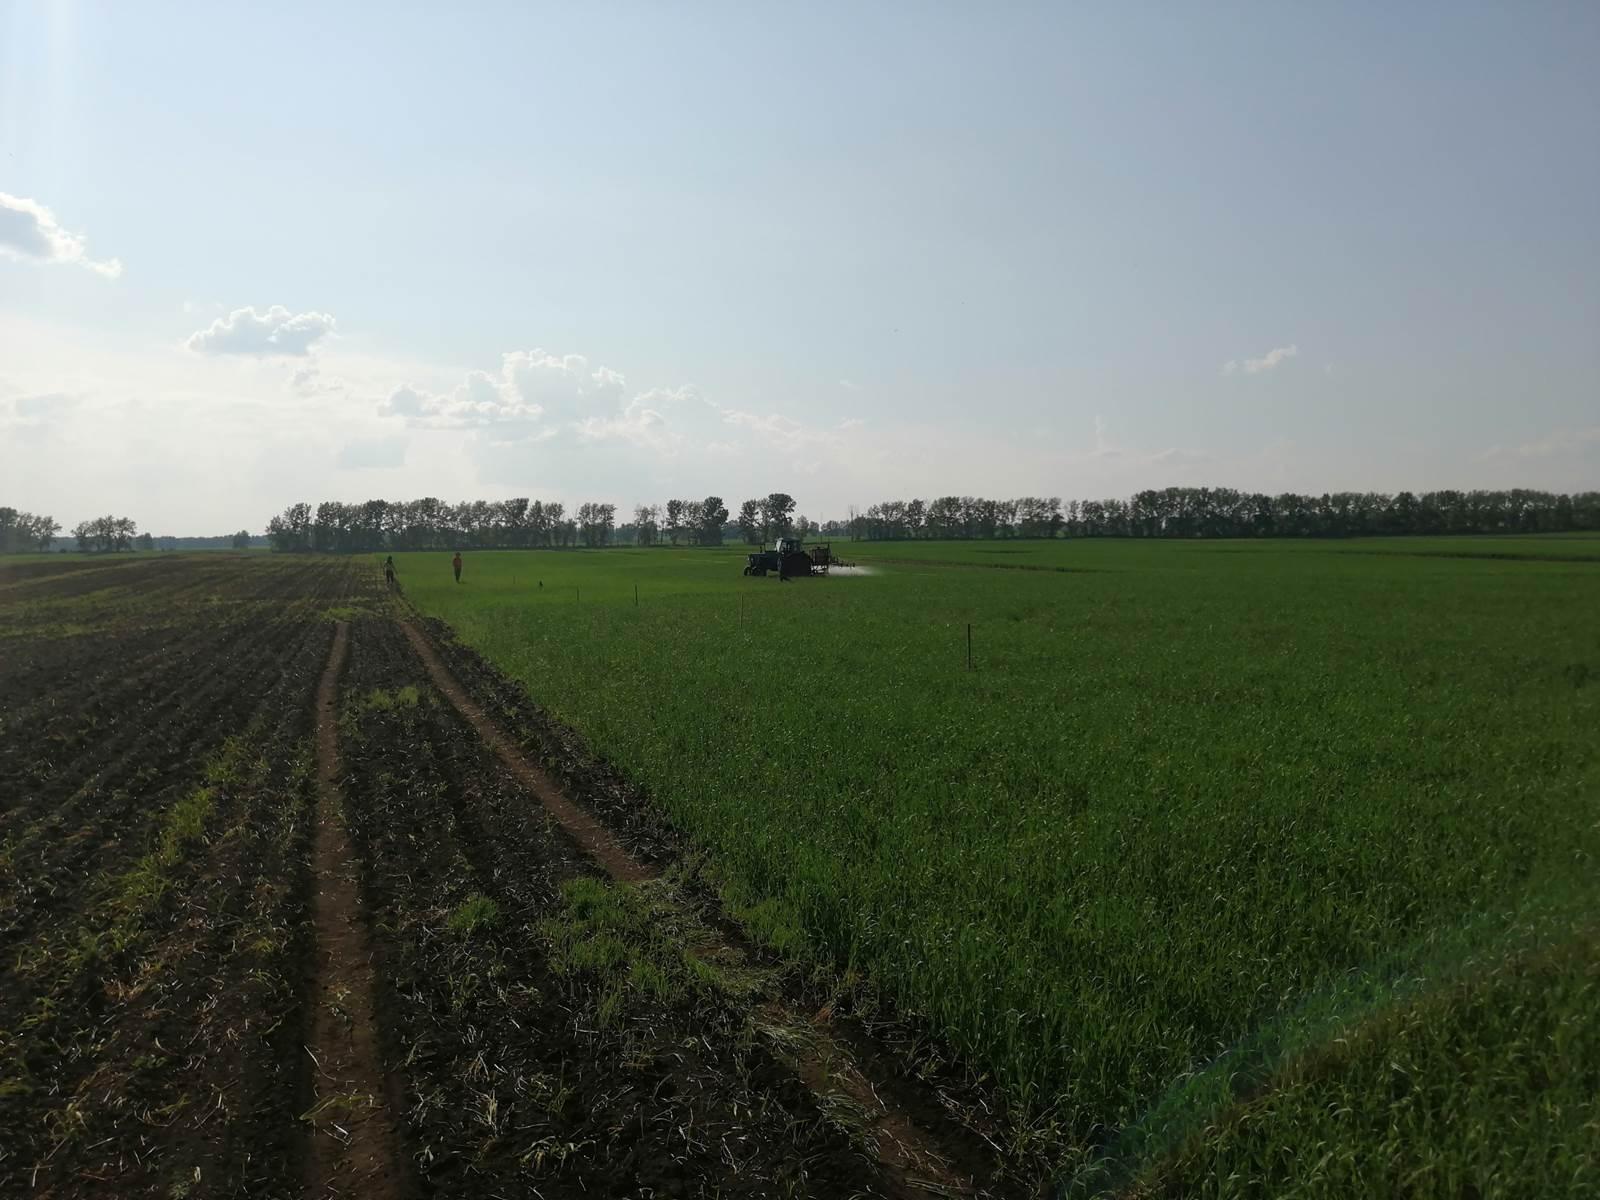 Процесс обработки поля Пшеница яровая препаратами ООО ТД Кирово-Чепецкая Химическая Компания